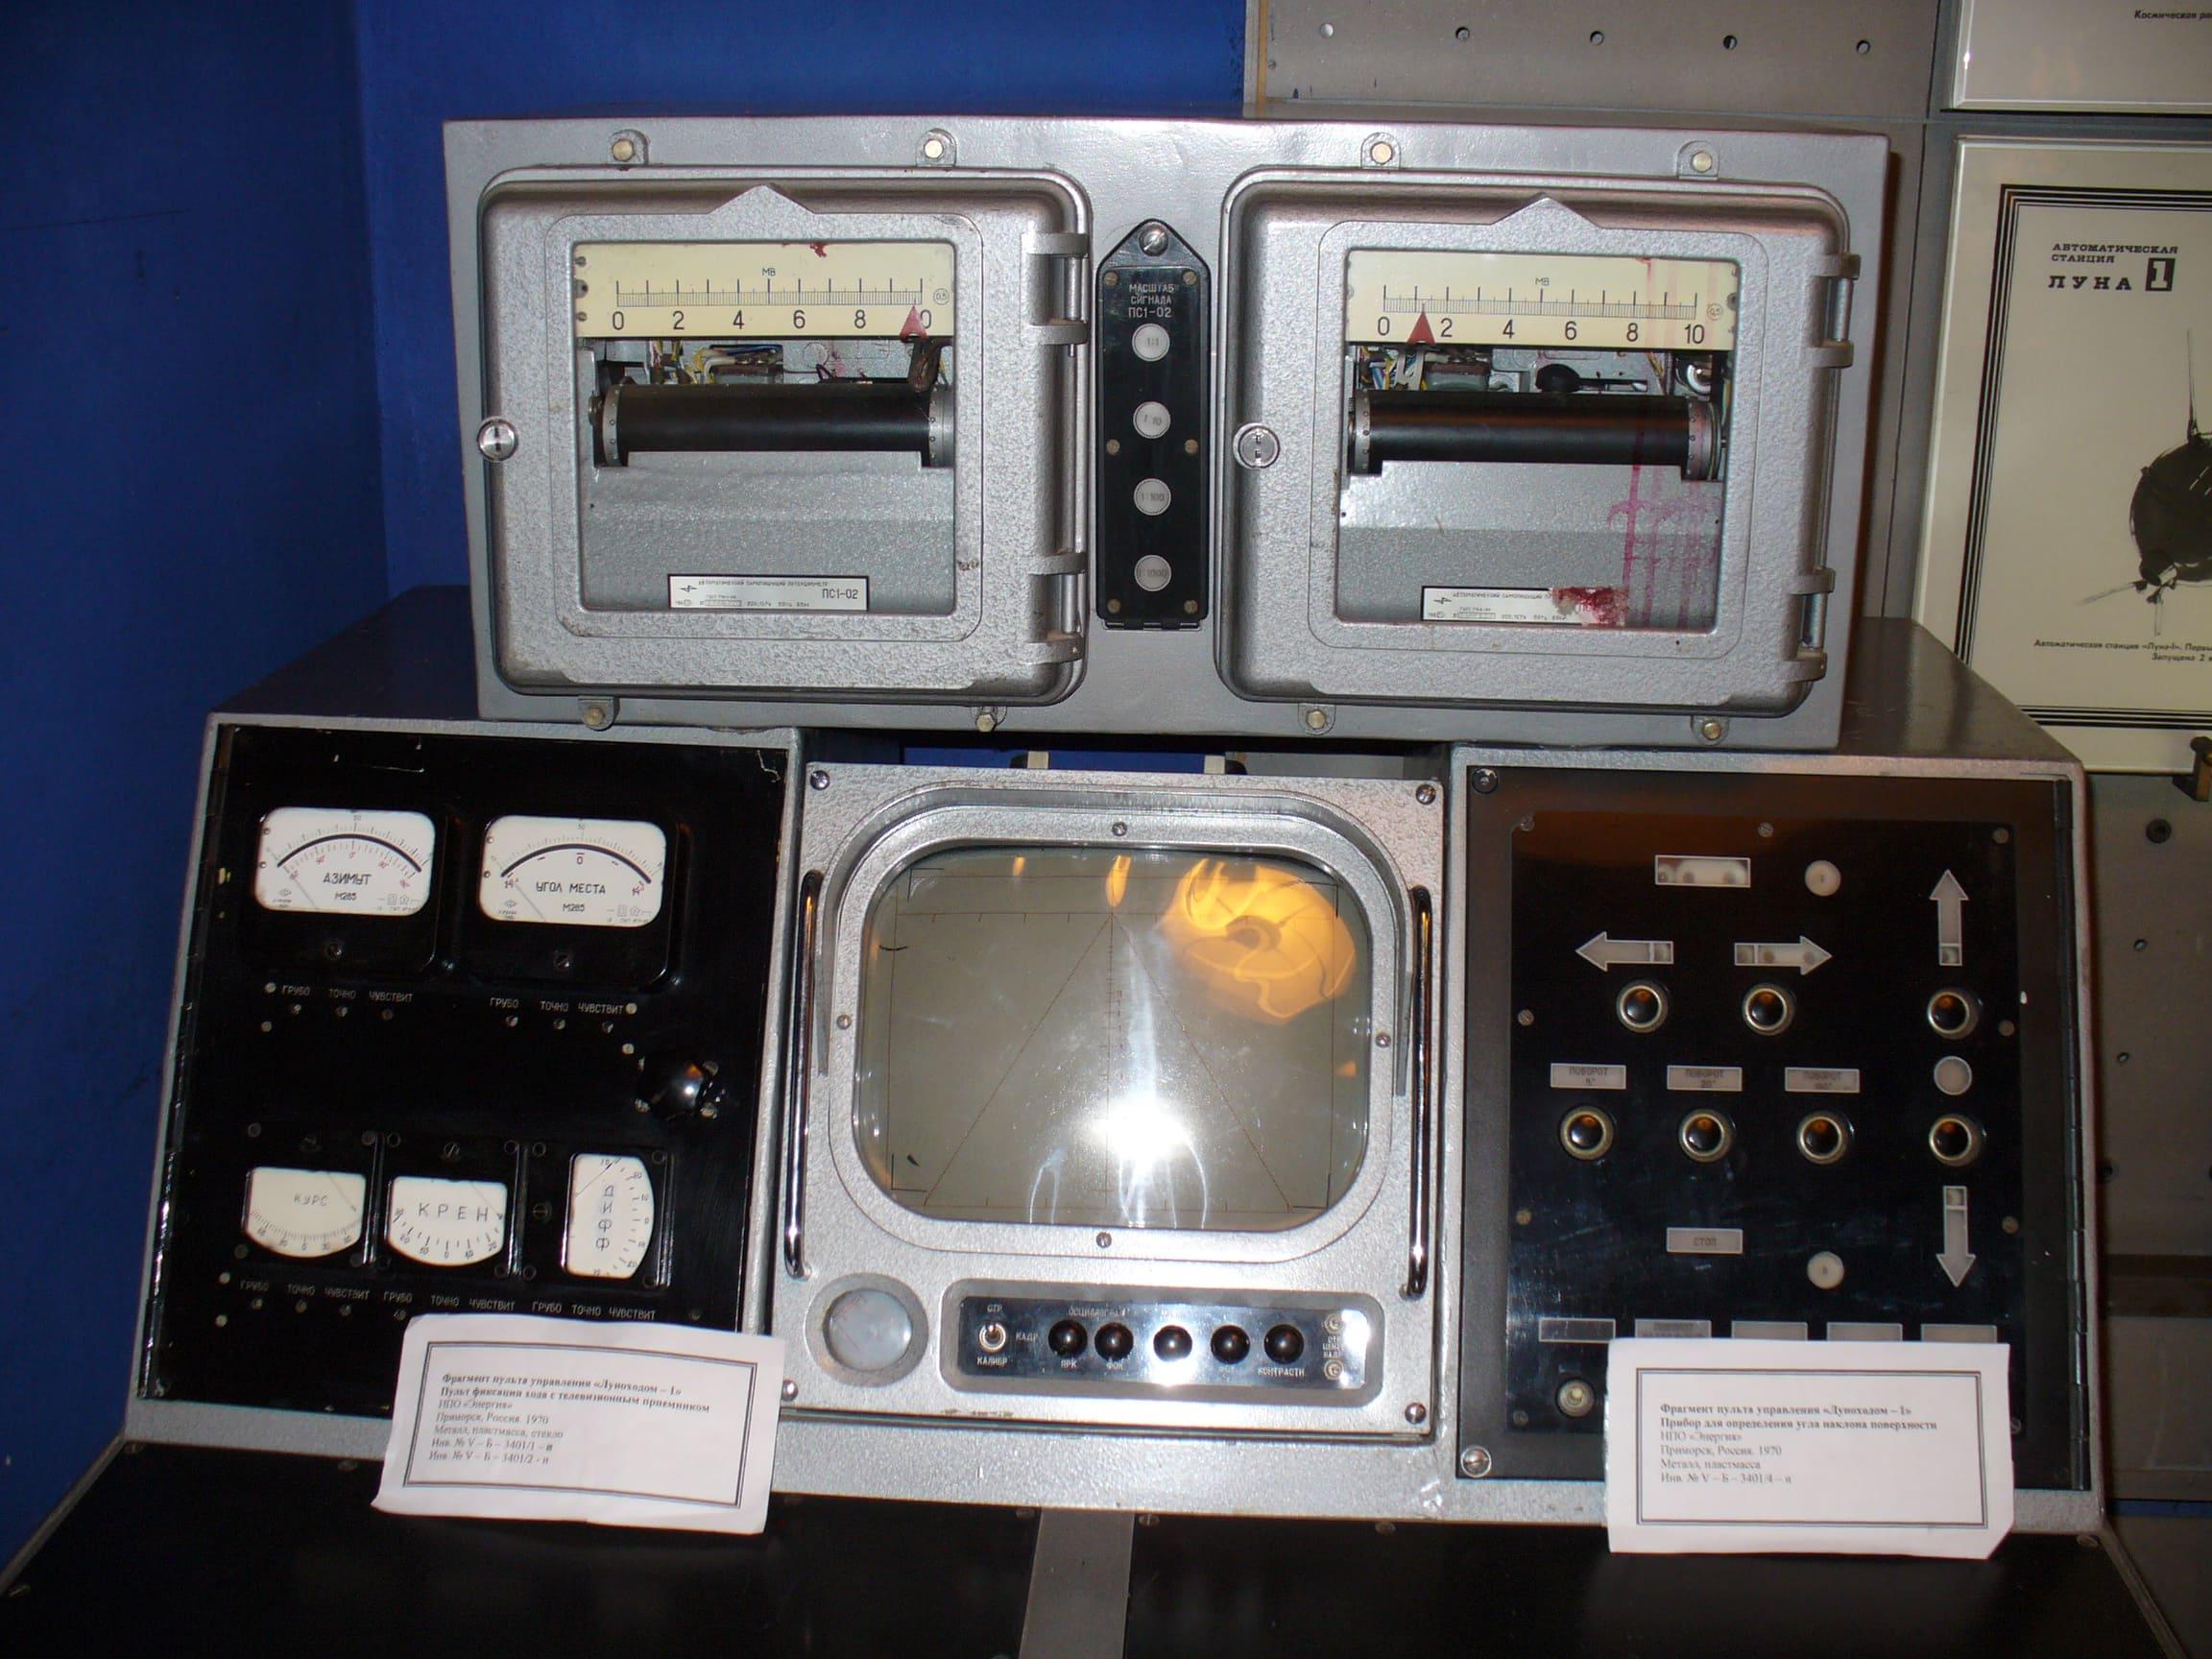 Управление. Старые компьютеры